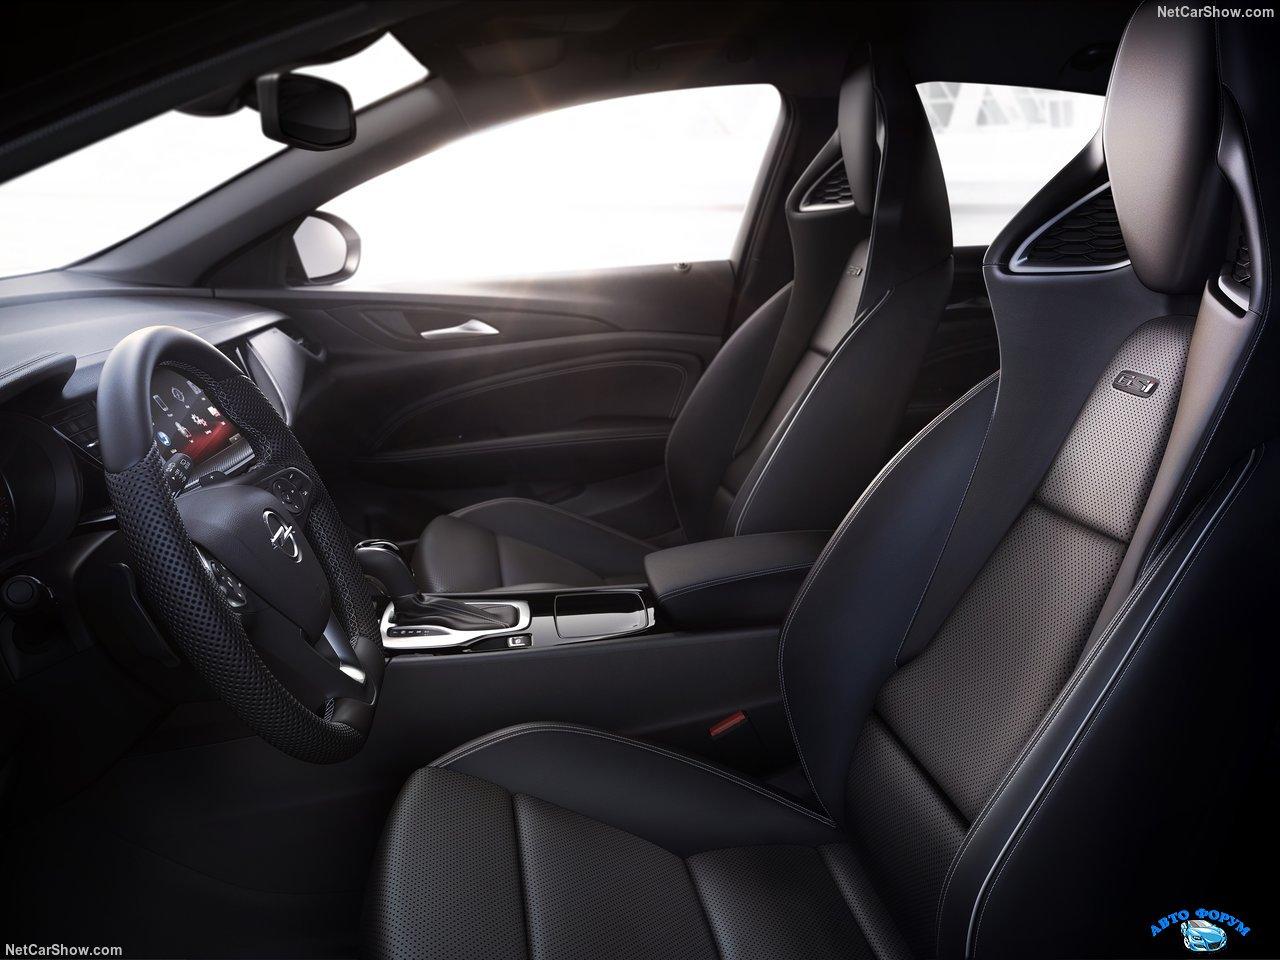 Opel-Insignia_GSi-2018-1280-05.jpg